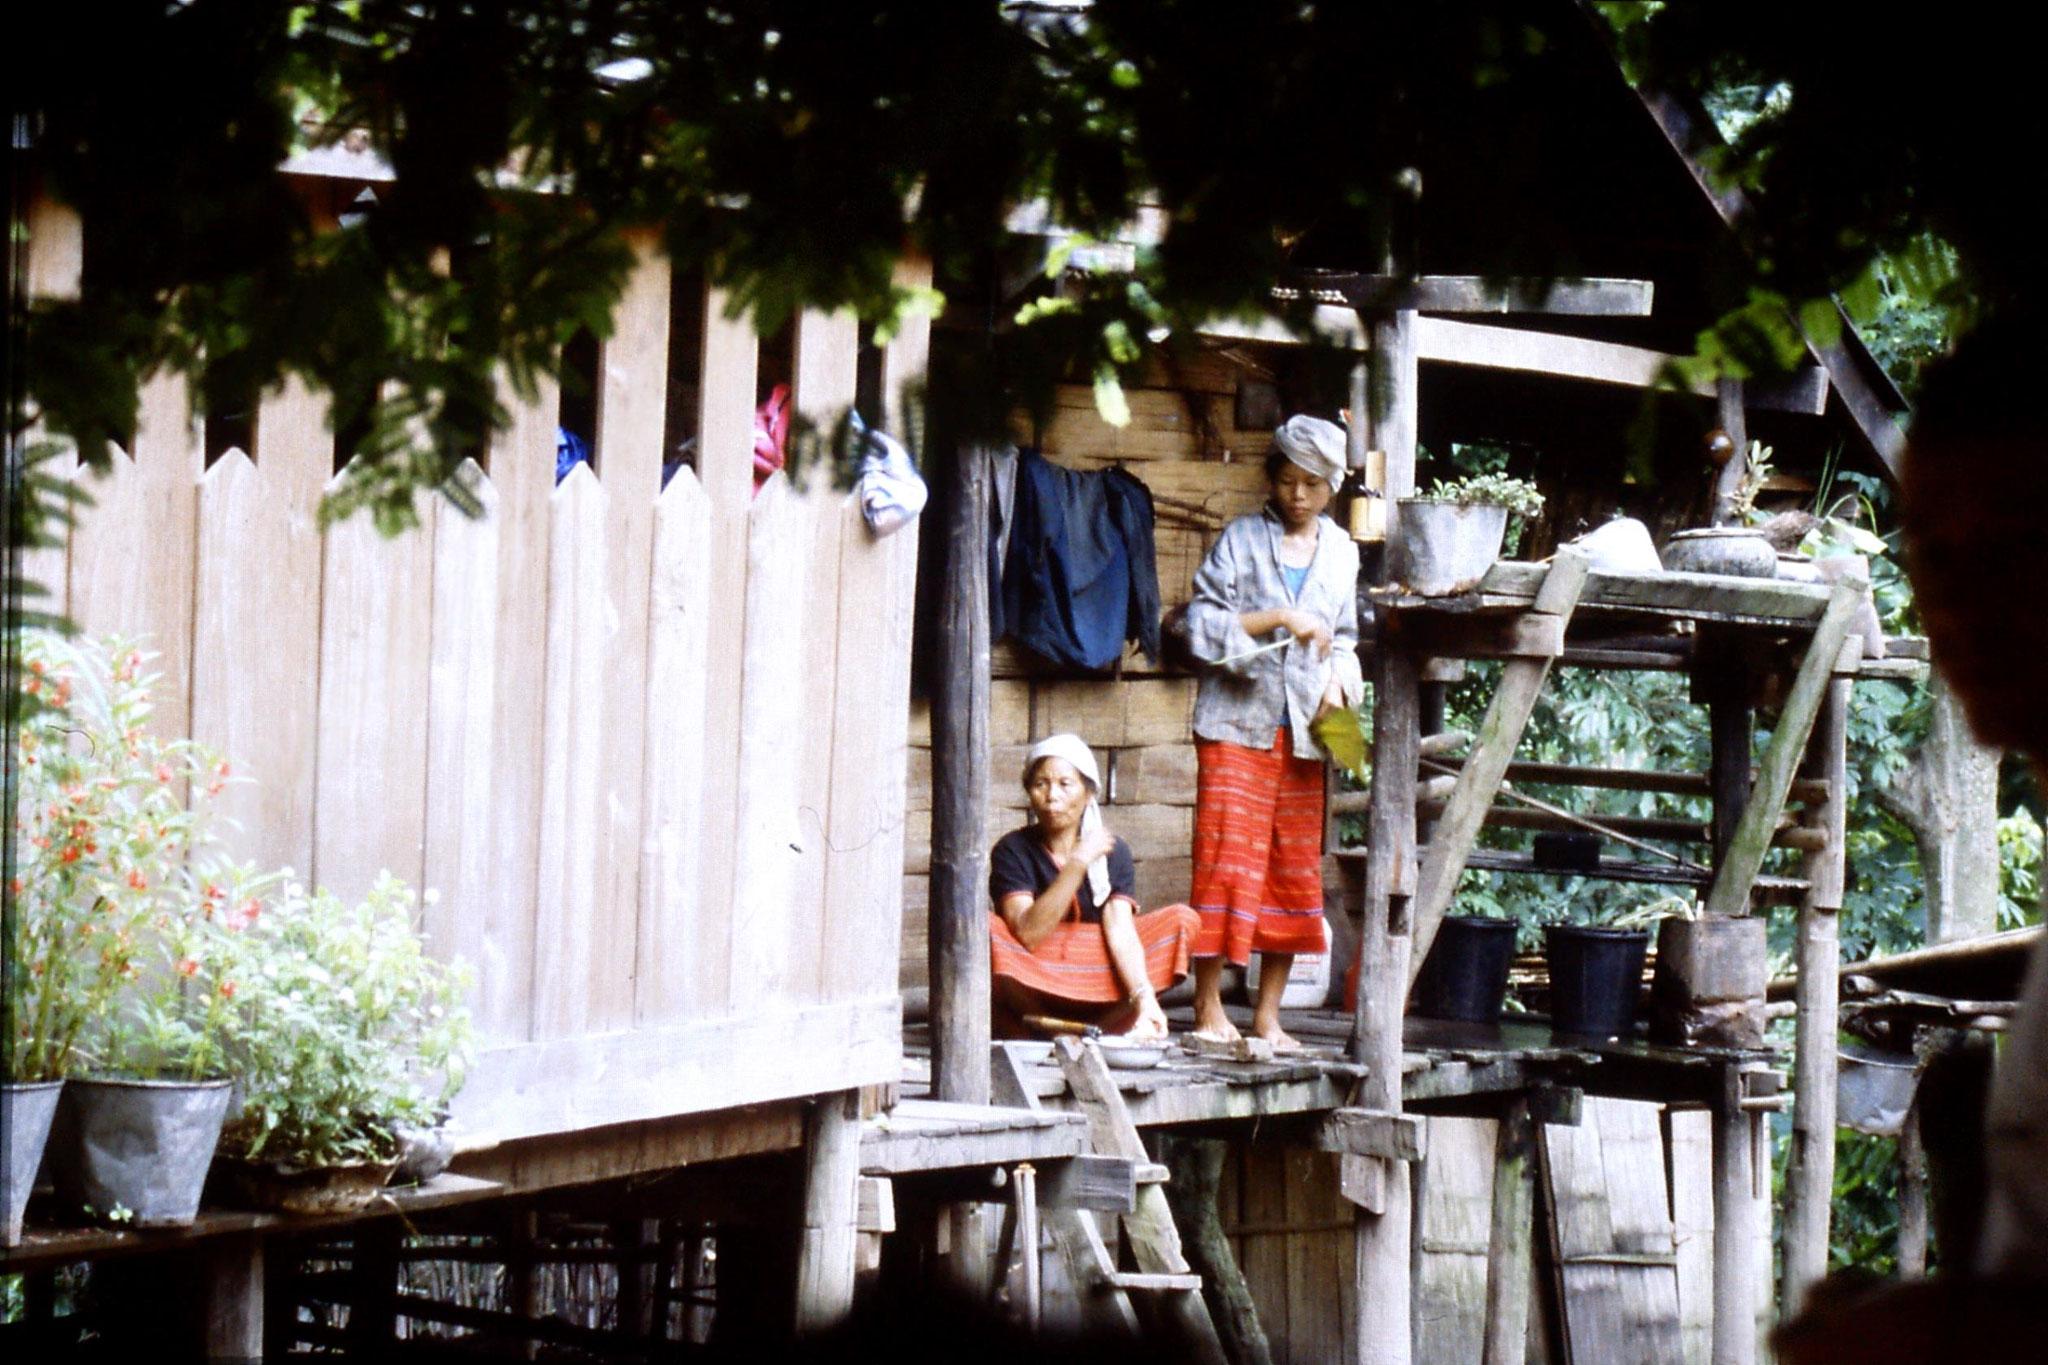 12/6/1990: 3: Trek - Mae Mi village (Karen)